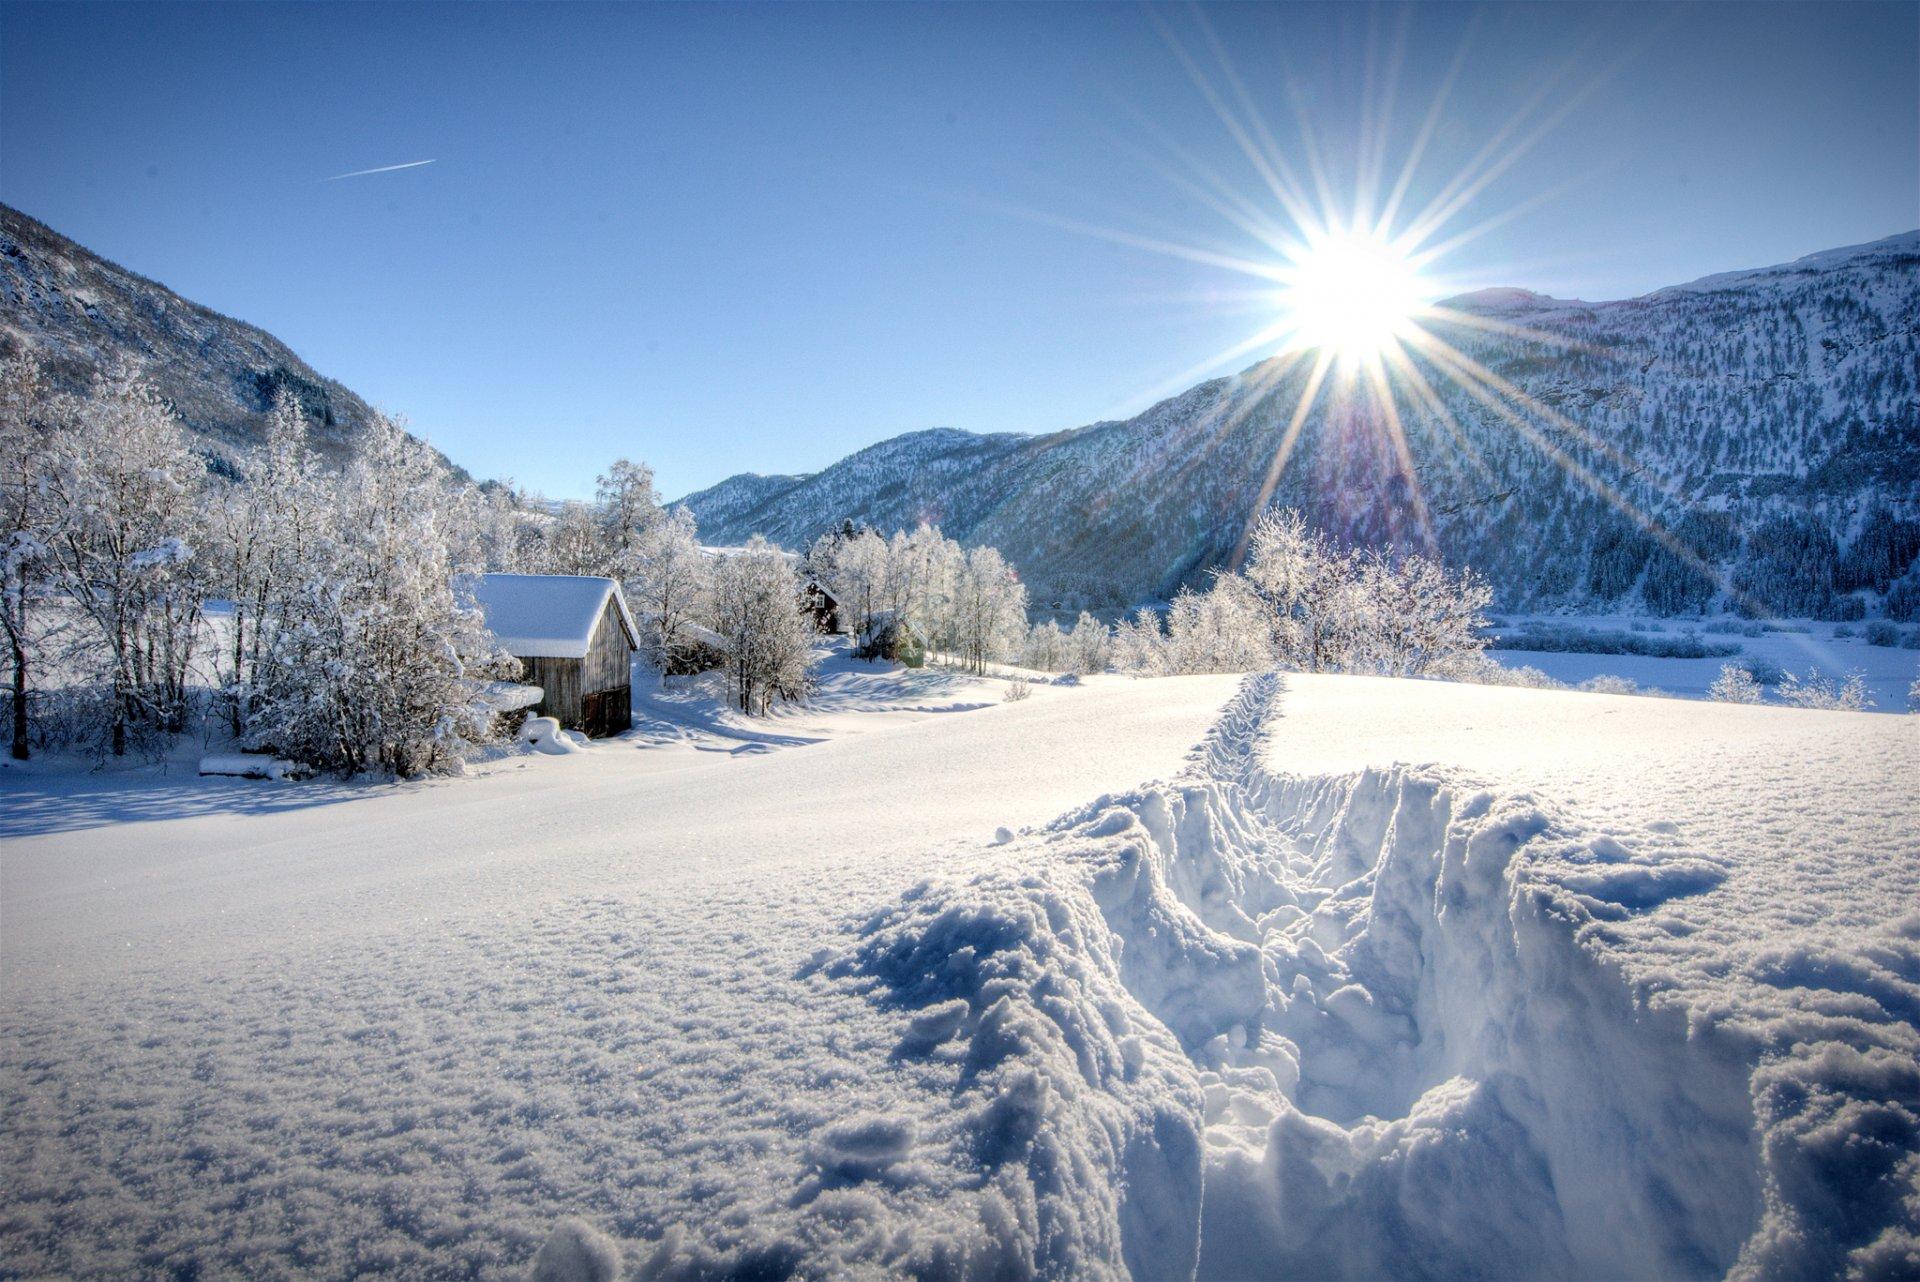 все, фотообои на комп зима в горах садоводы классифицируют